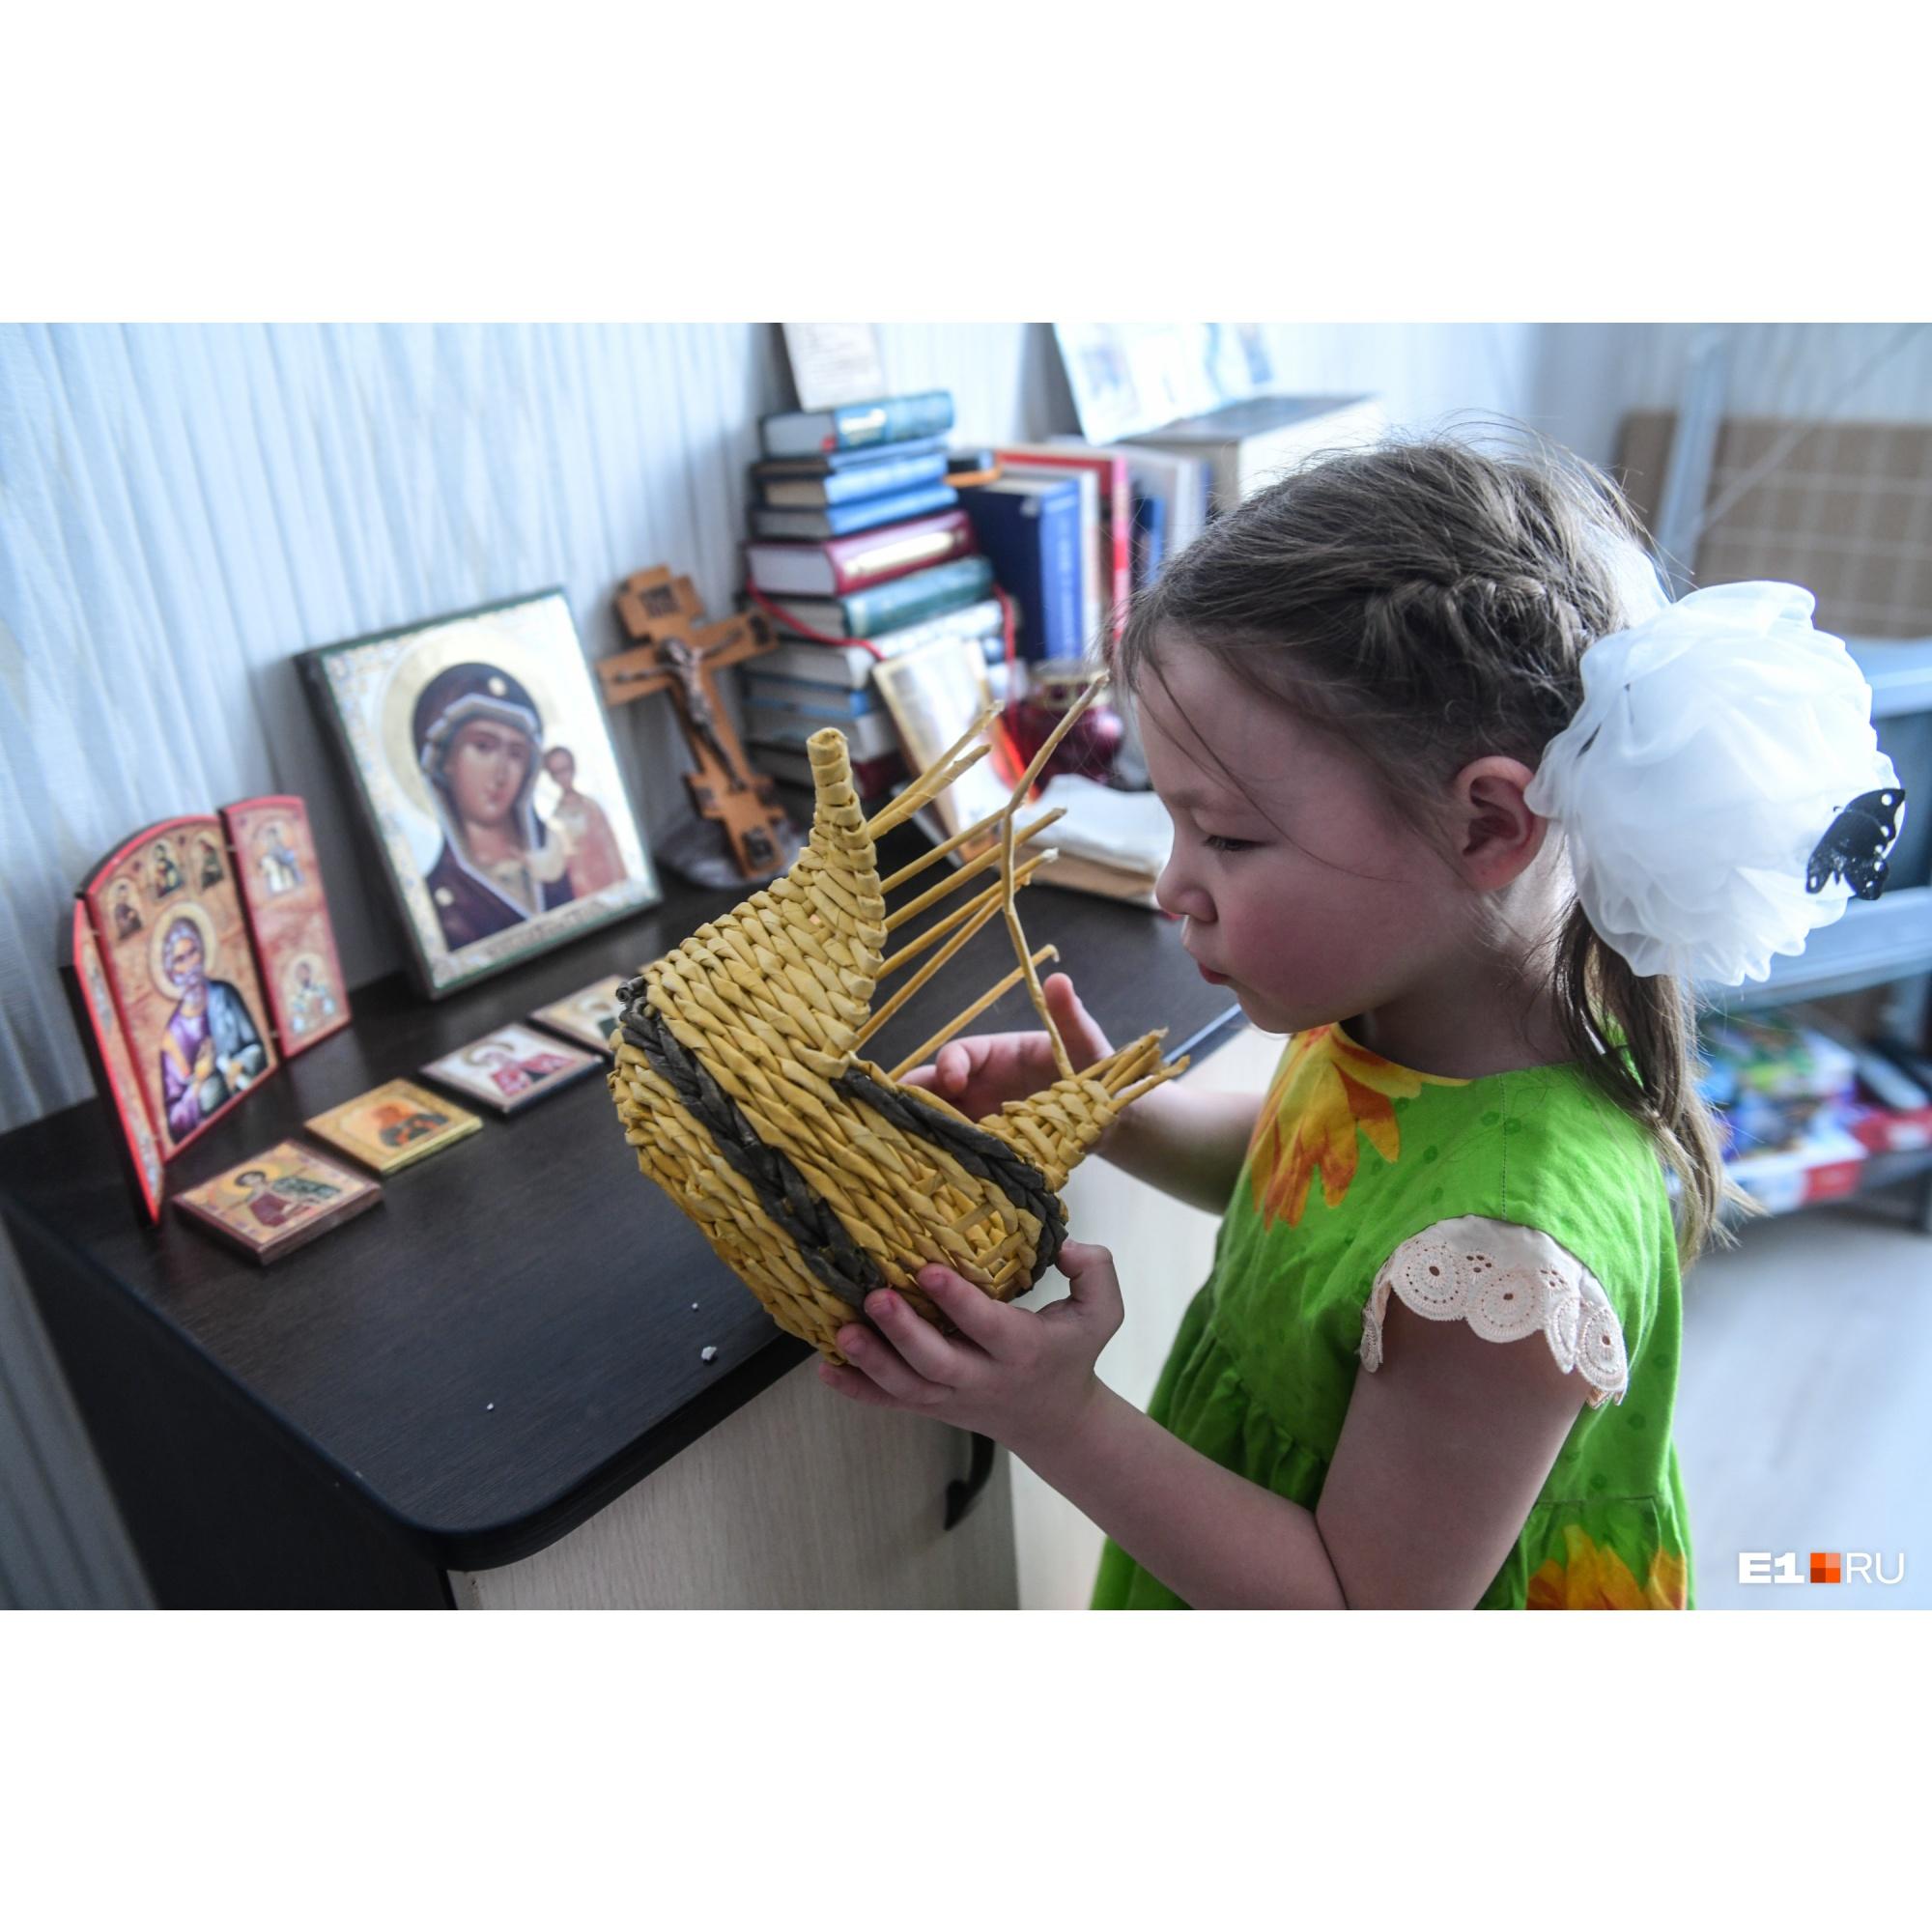 Эмилия любит рукодельничать, как и ее бабушка Екатерина